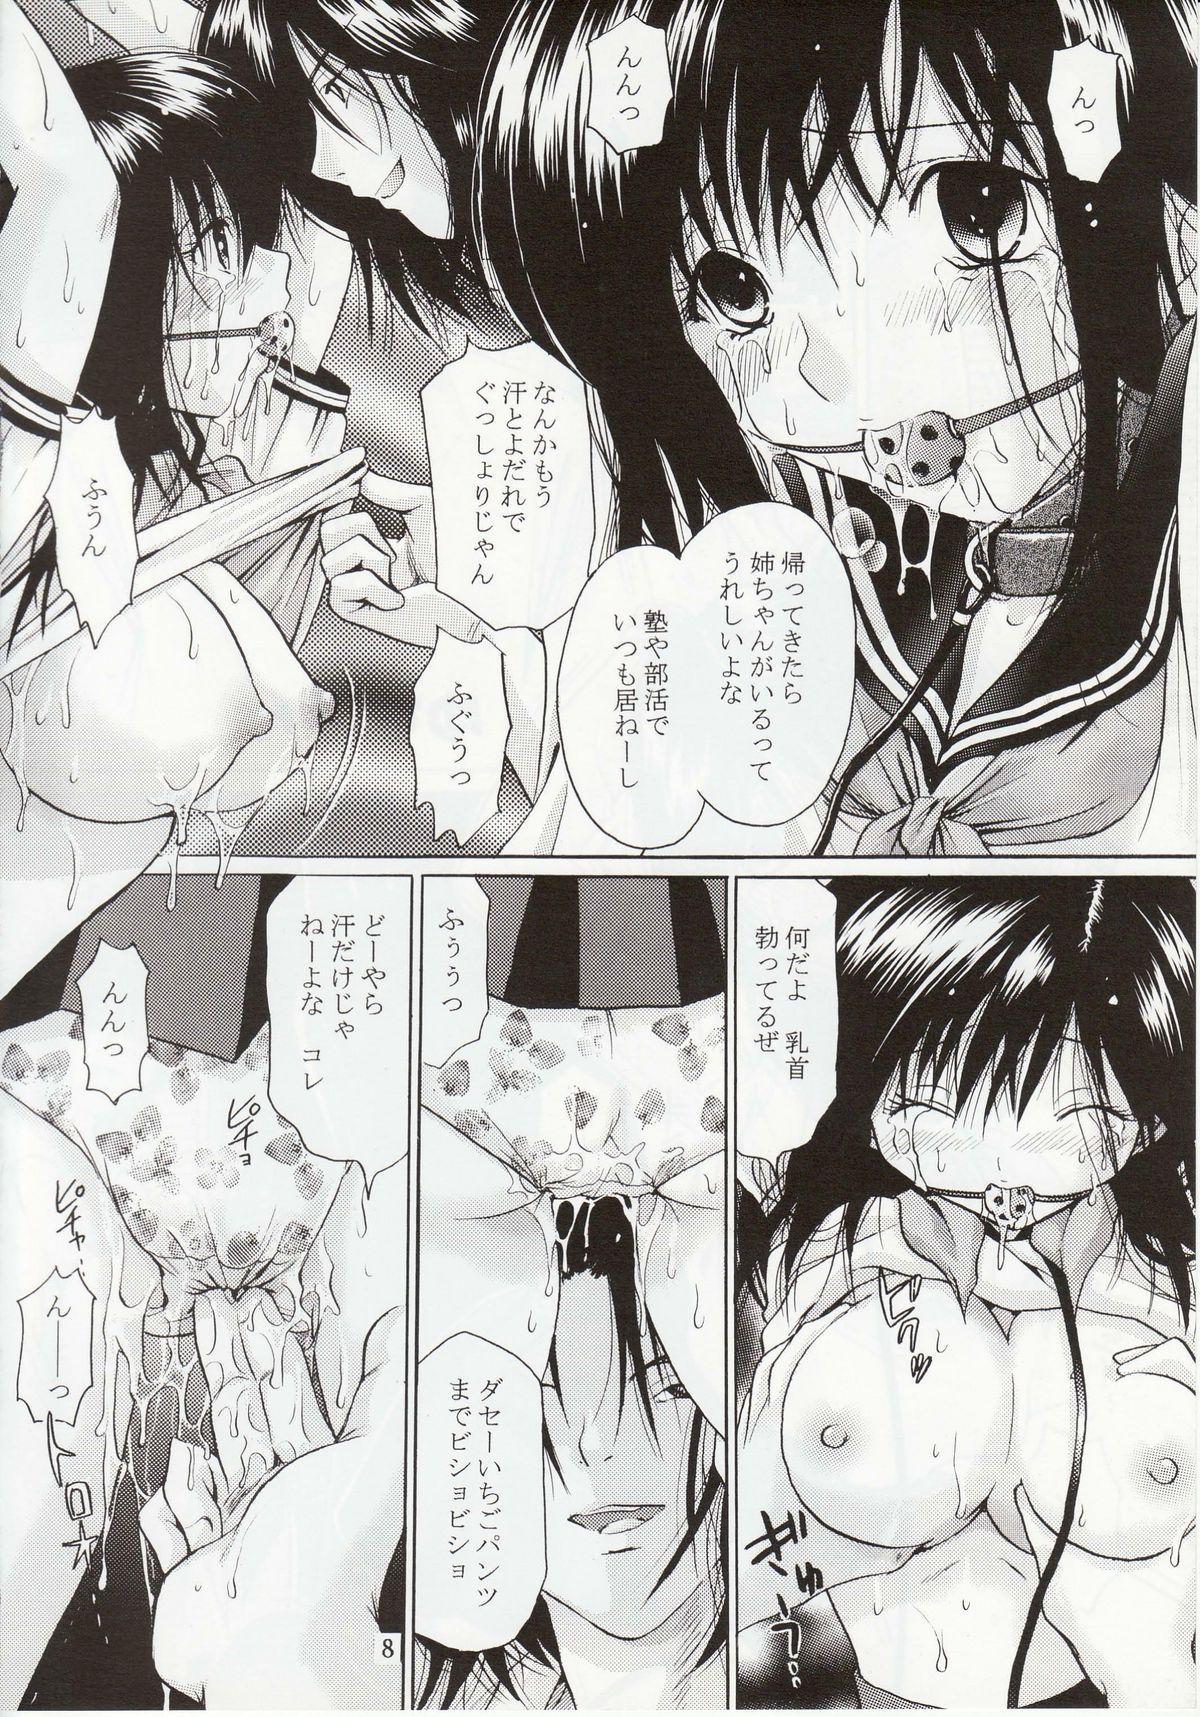 Ichigo 120% Zettai Zetsumei Vol. 2 6